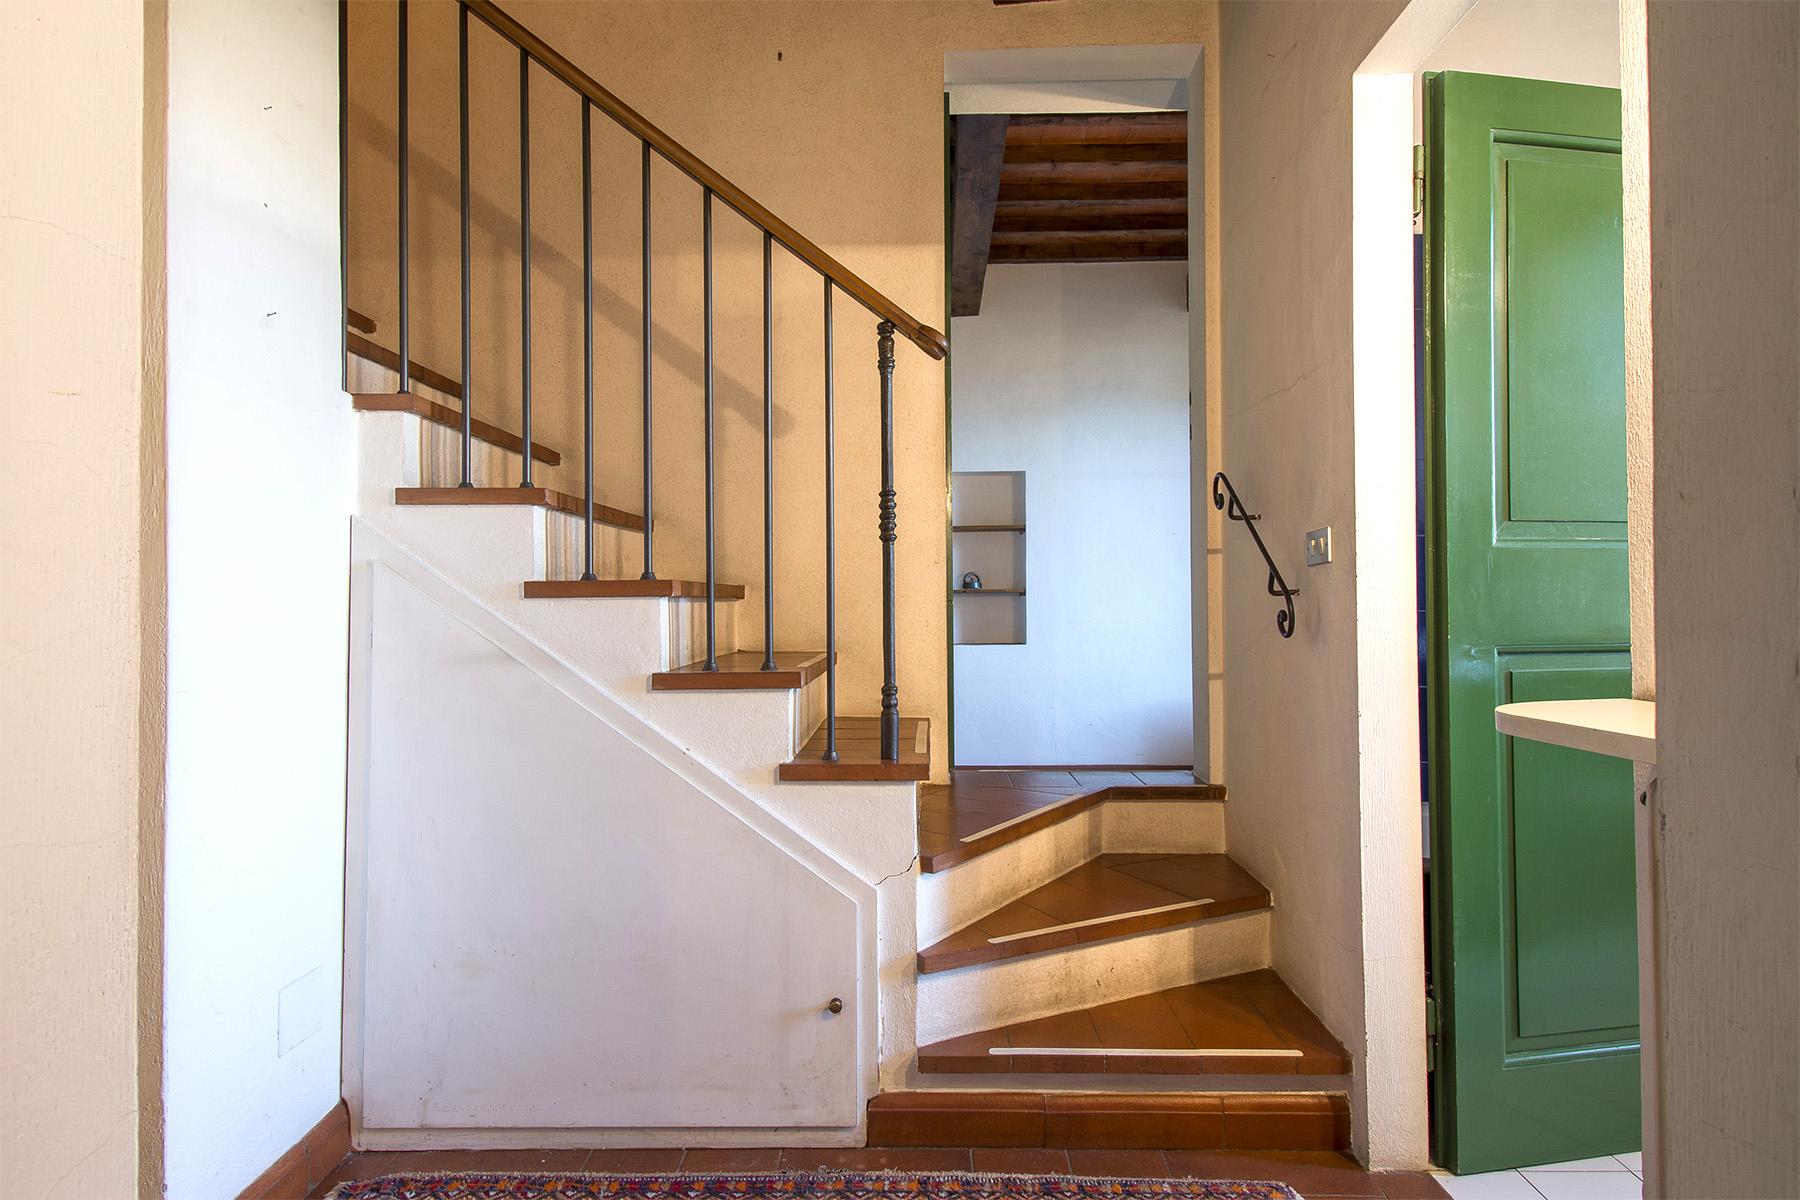 Appartamento in Vendita a Firenze: 5 locali, 146 mq - Foto 11